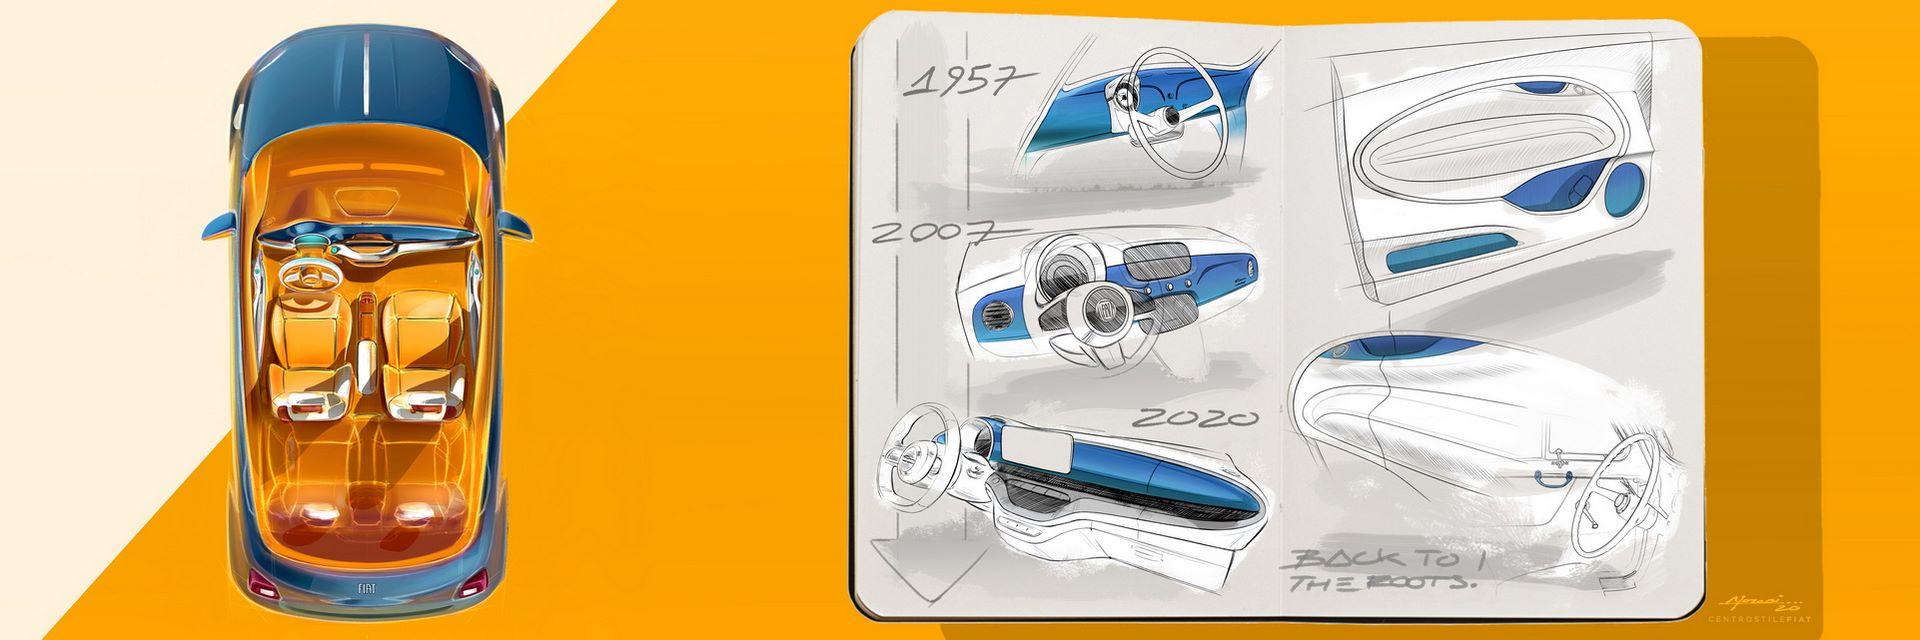 Fiat-500-2020-55